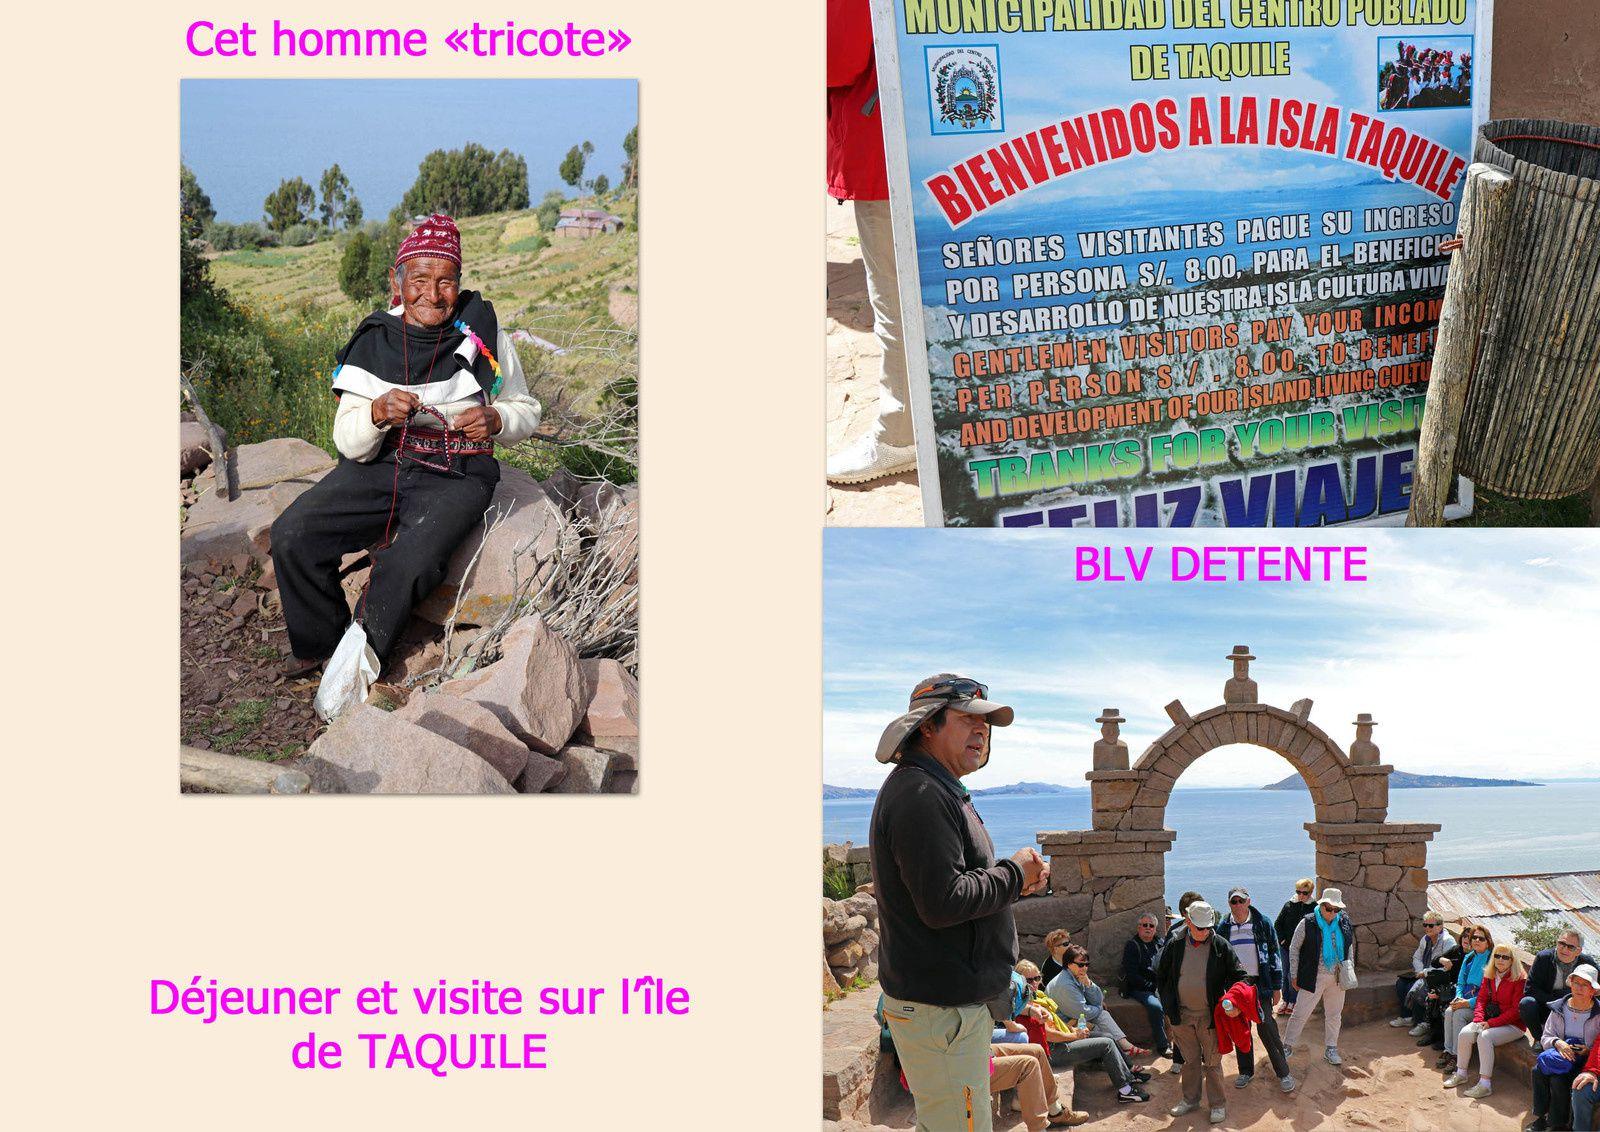 Jour 6 : De PUNO à LLACHON en passant par les minorités UROS et l'île de TAQUILE sur le lac TITICACA